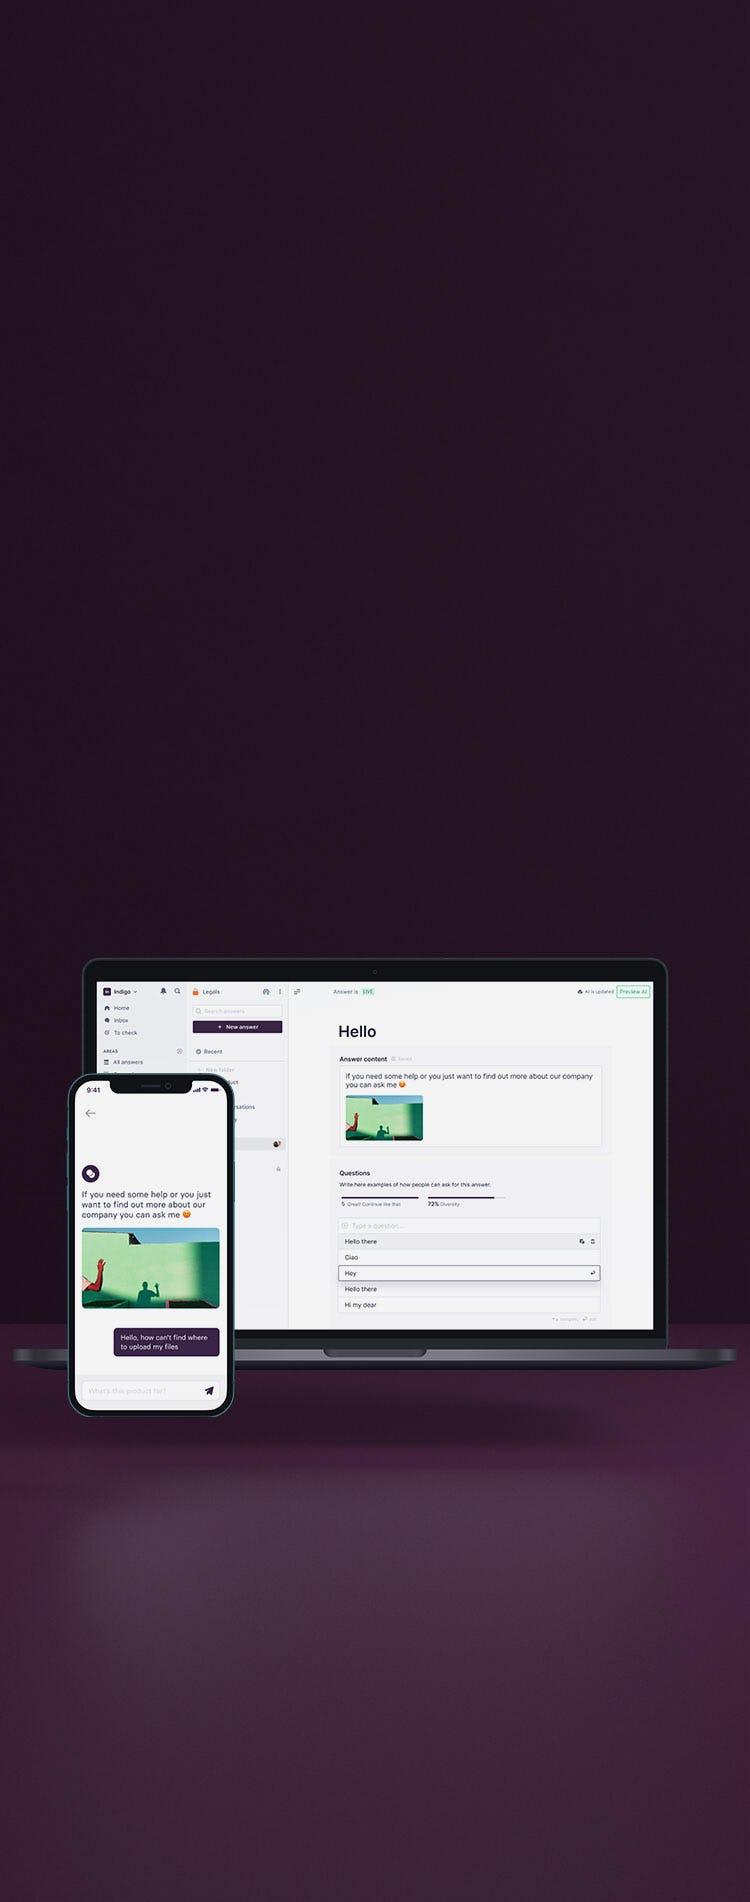 Platform preview on mobile and on desktop